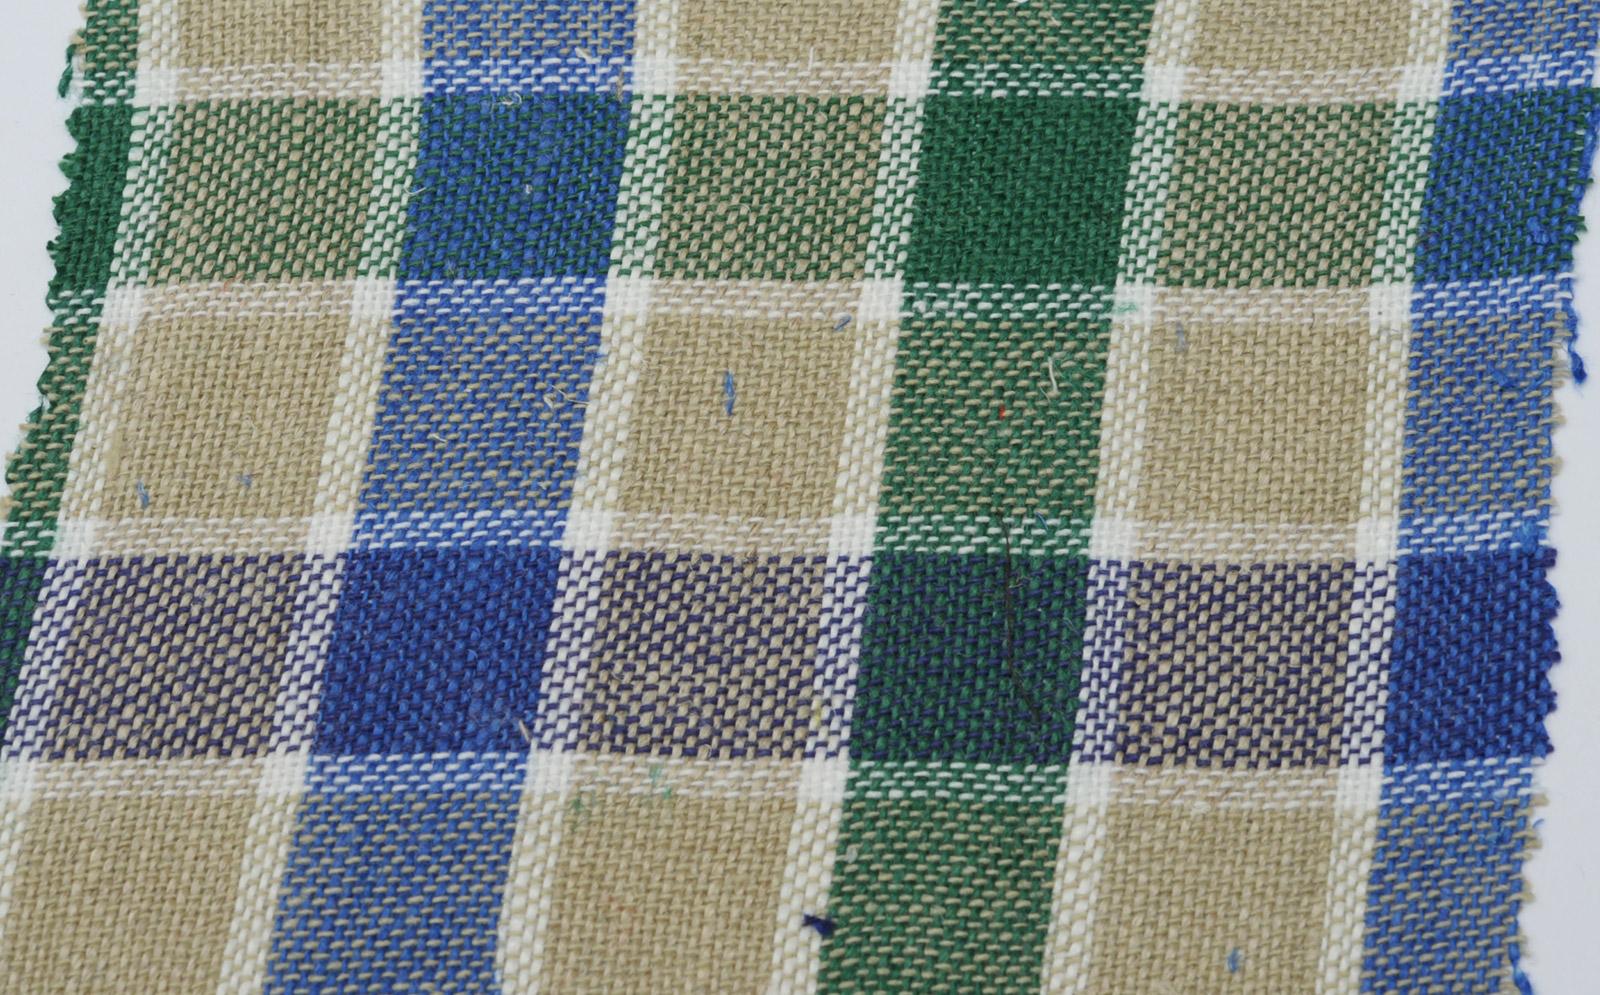 630 Leinen/BW 150 cm vorgewaschen - 630 linen/cotton 150 cm prewashed